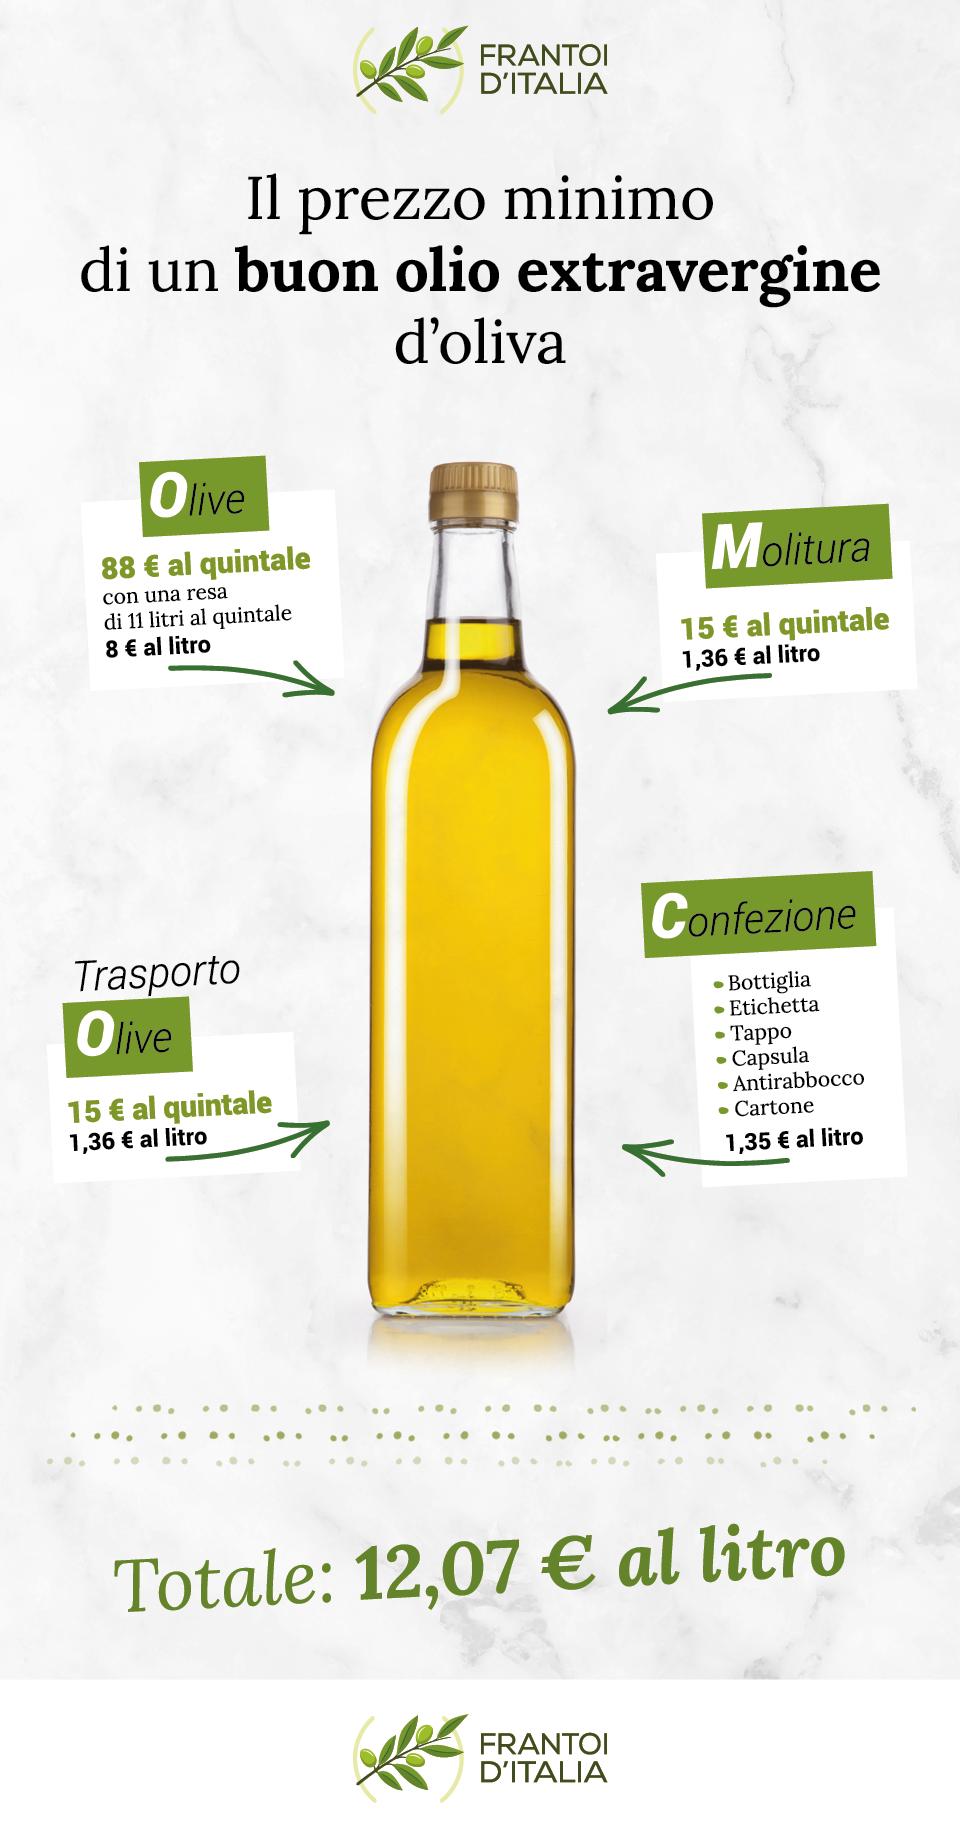 frantoiditalia_prezzo_olio_buono